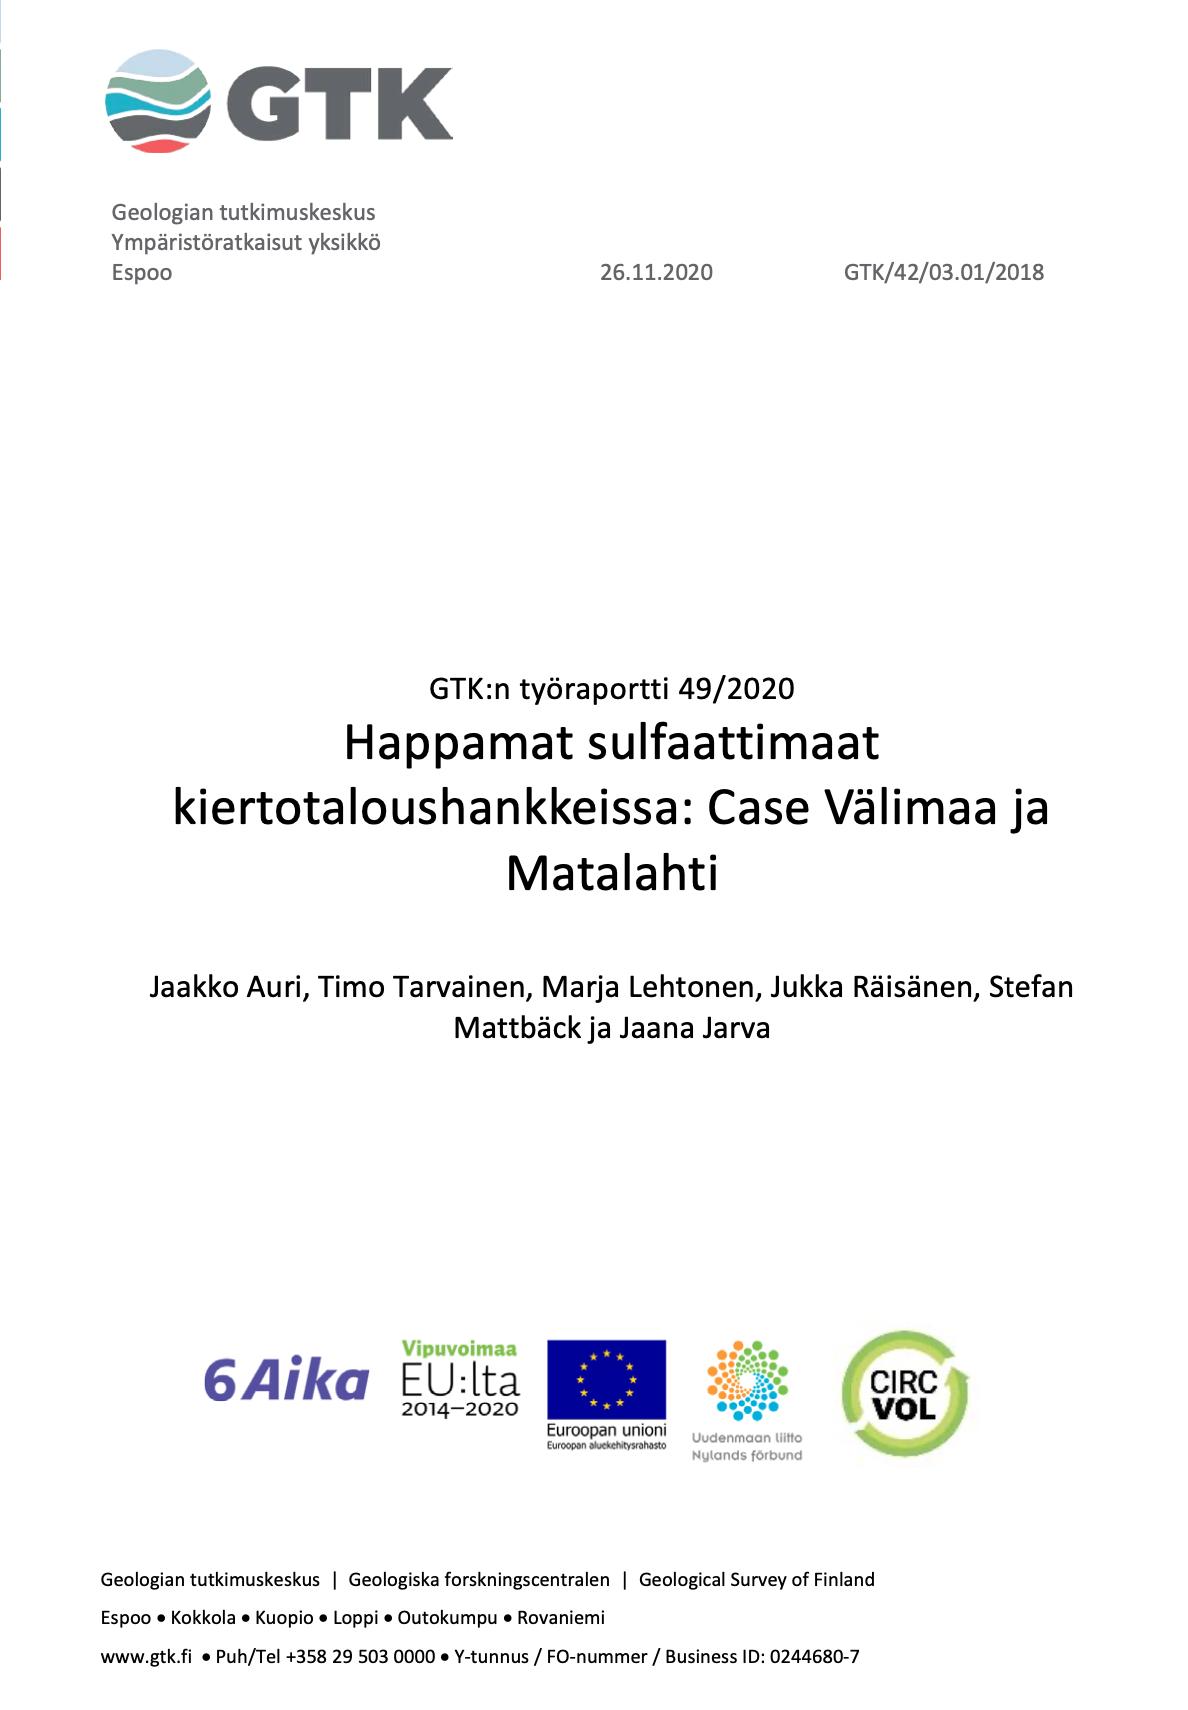 Cover for article 'Happamat sulfaattimaat kiertotaloushankkeissa: Case Välimaa ja Matalahti'